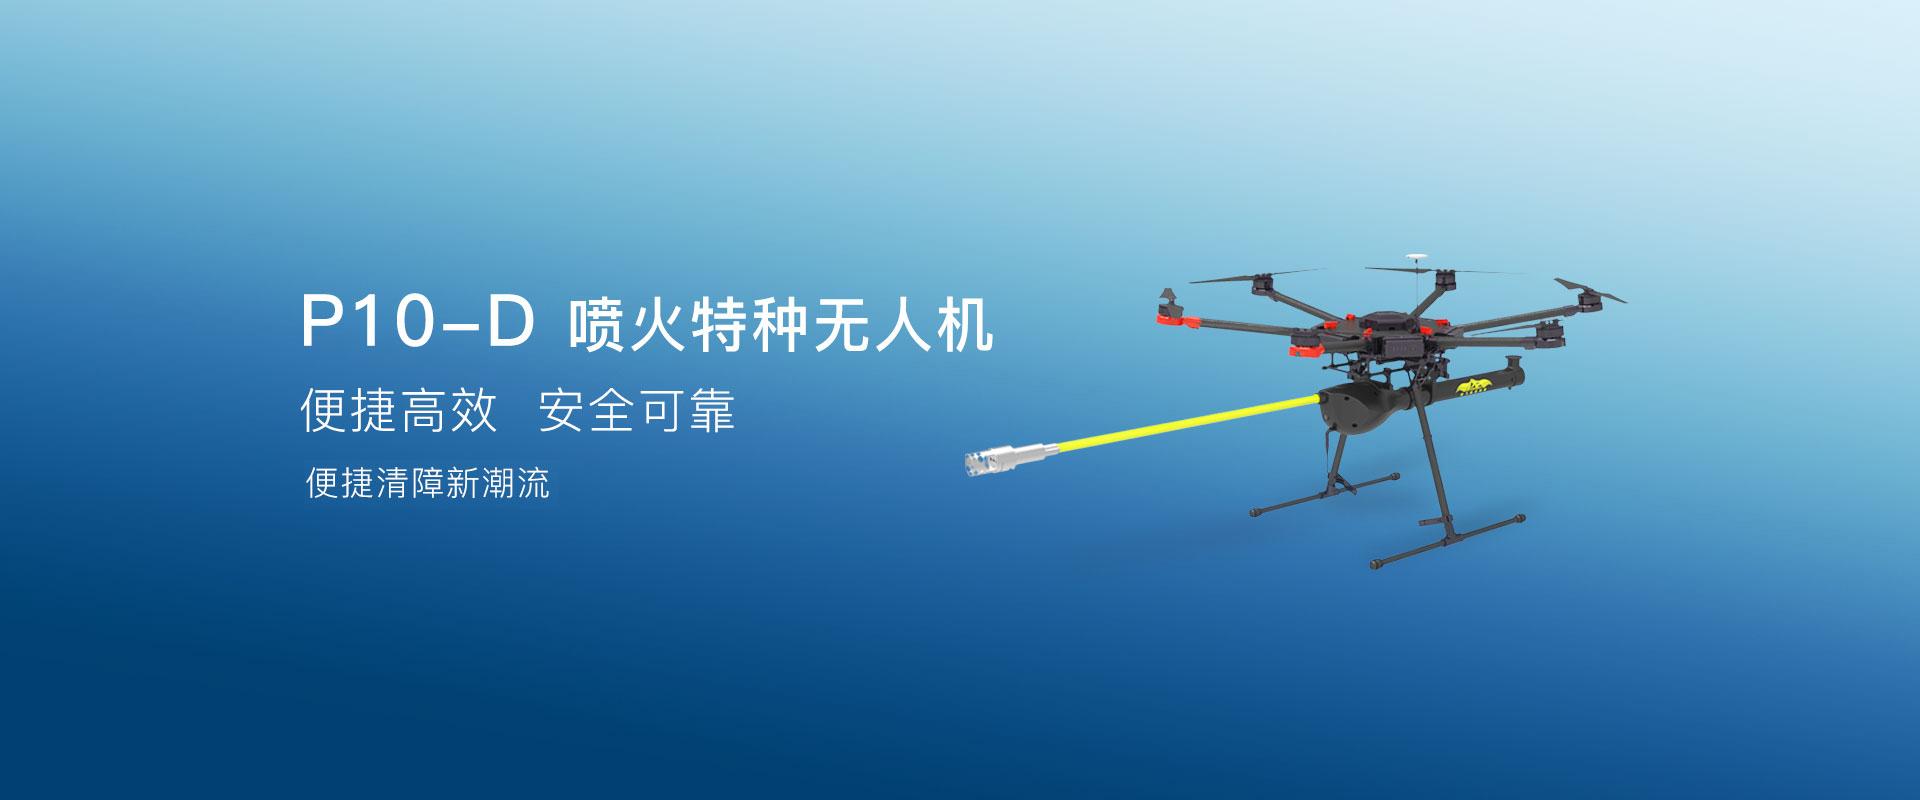 火龙P10-D喷火特种无人机图片